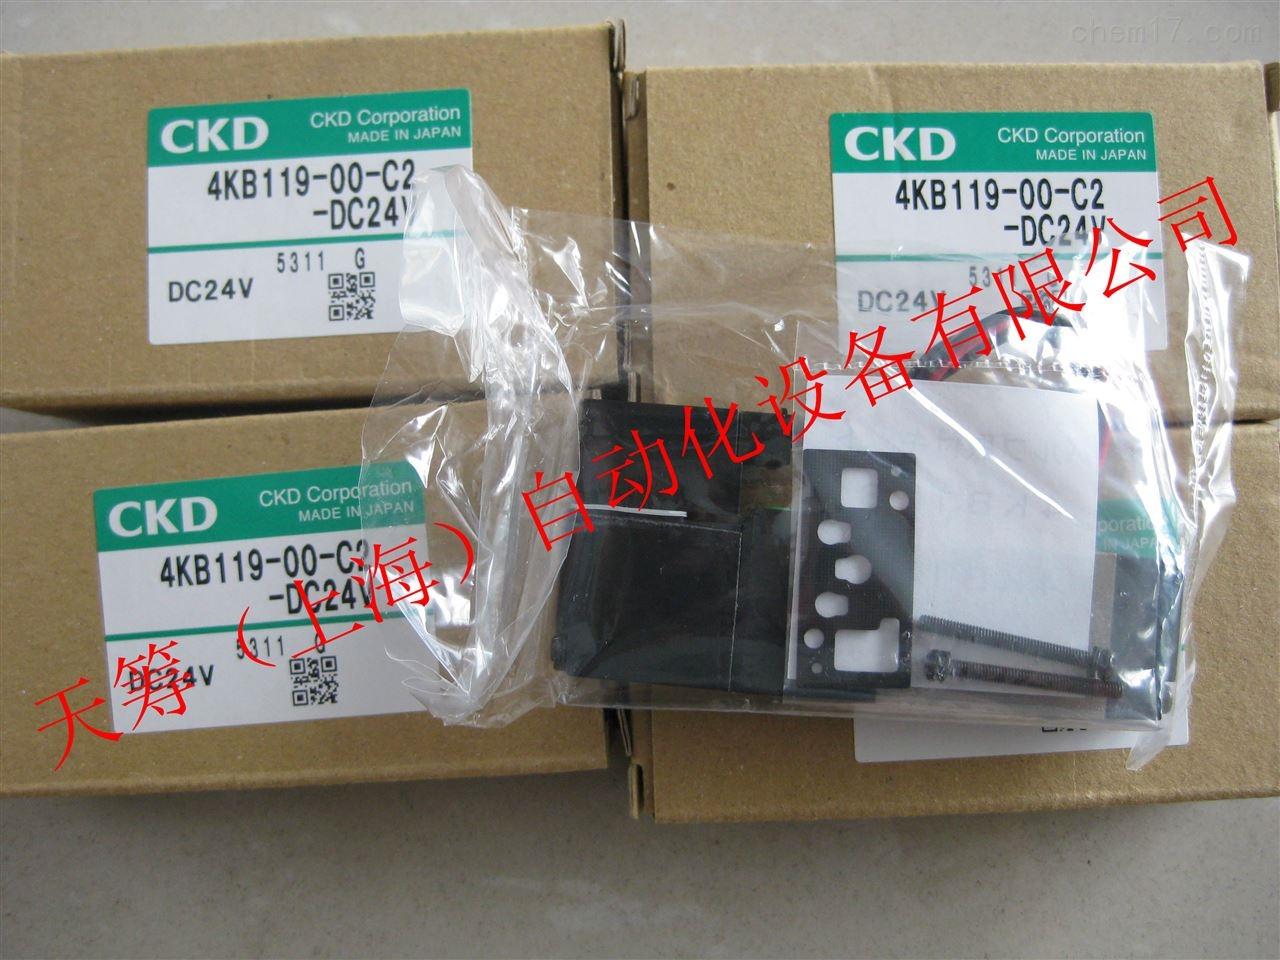 日本原装正品CKD电磁阀4KB119-00-C2-DC24V